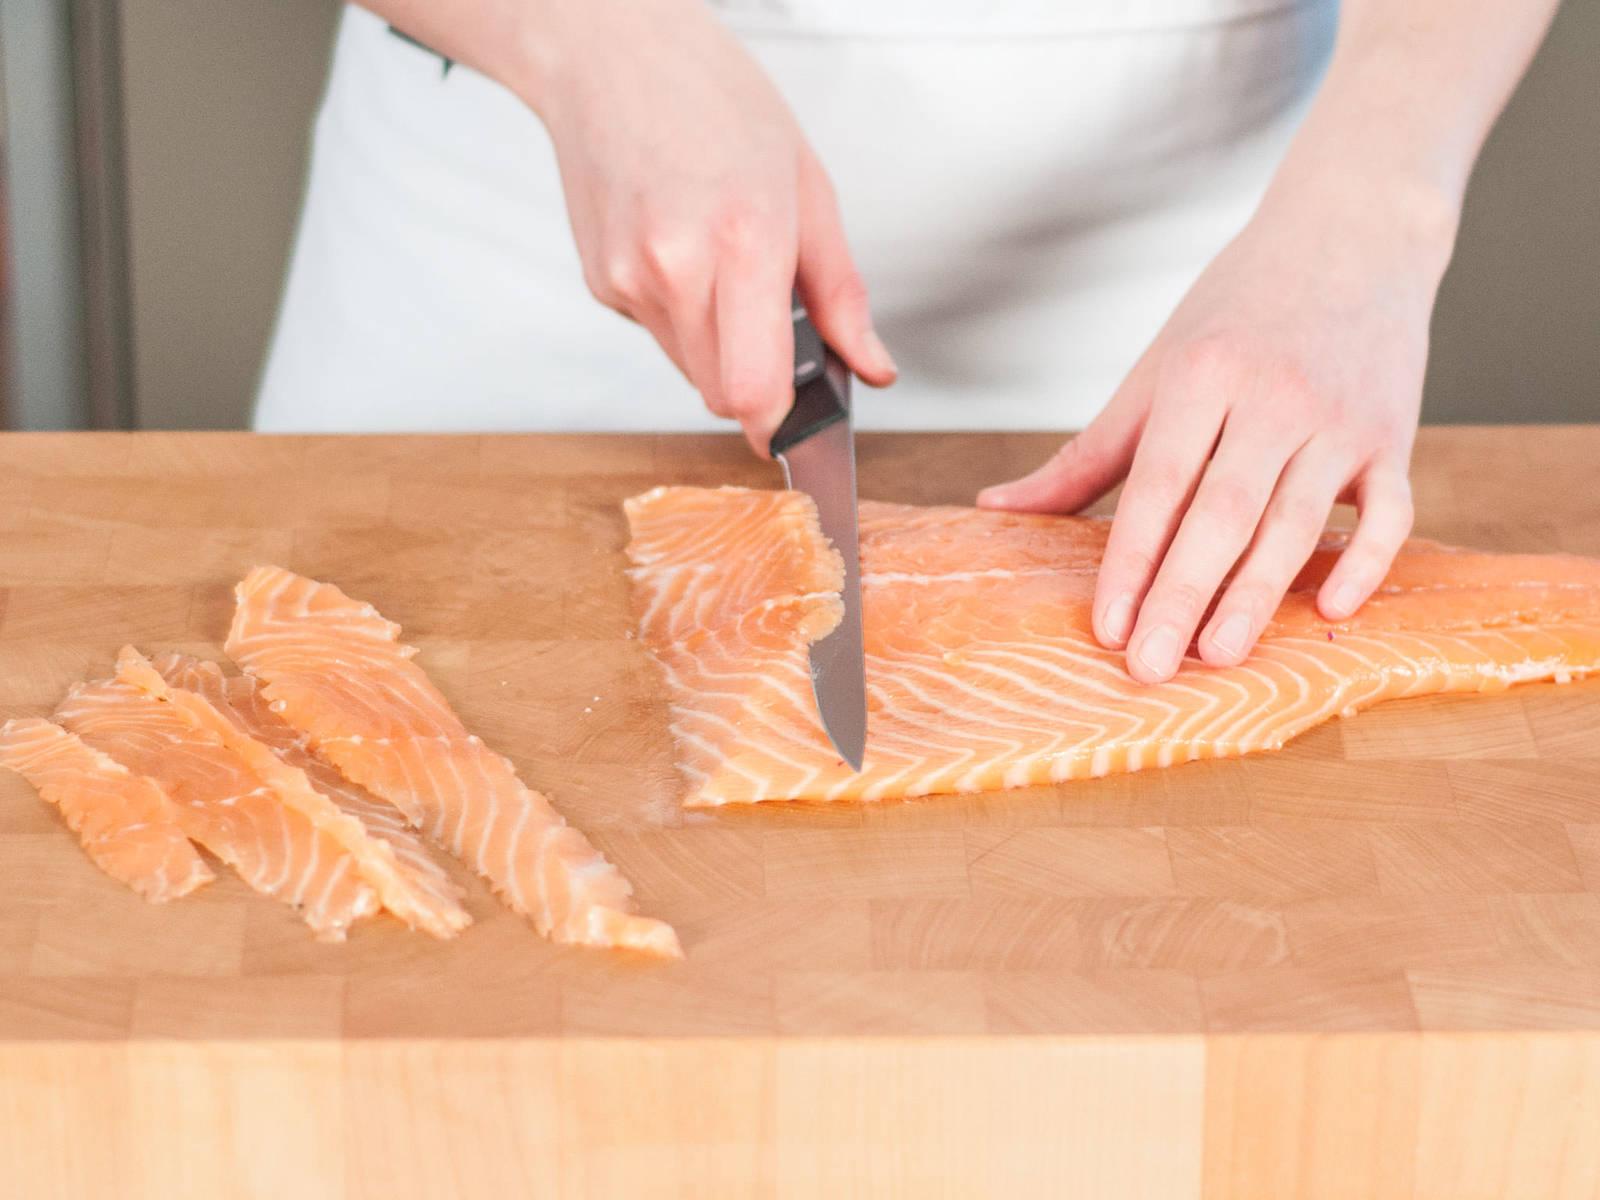 Lachsfilet entweder in feine Würfel oder dünne Scheiben schneiden.